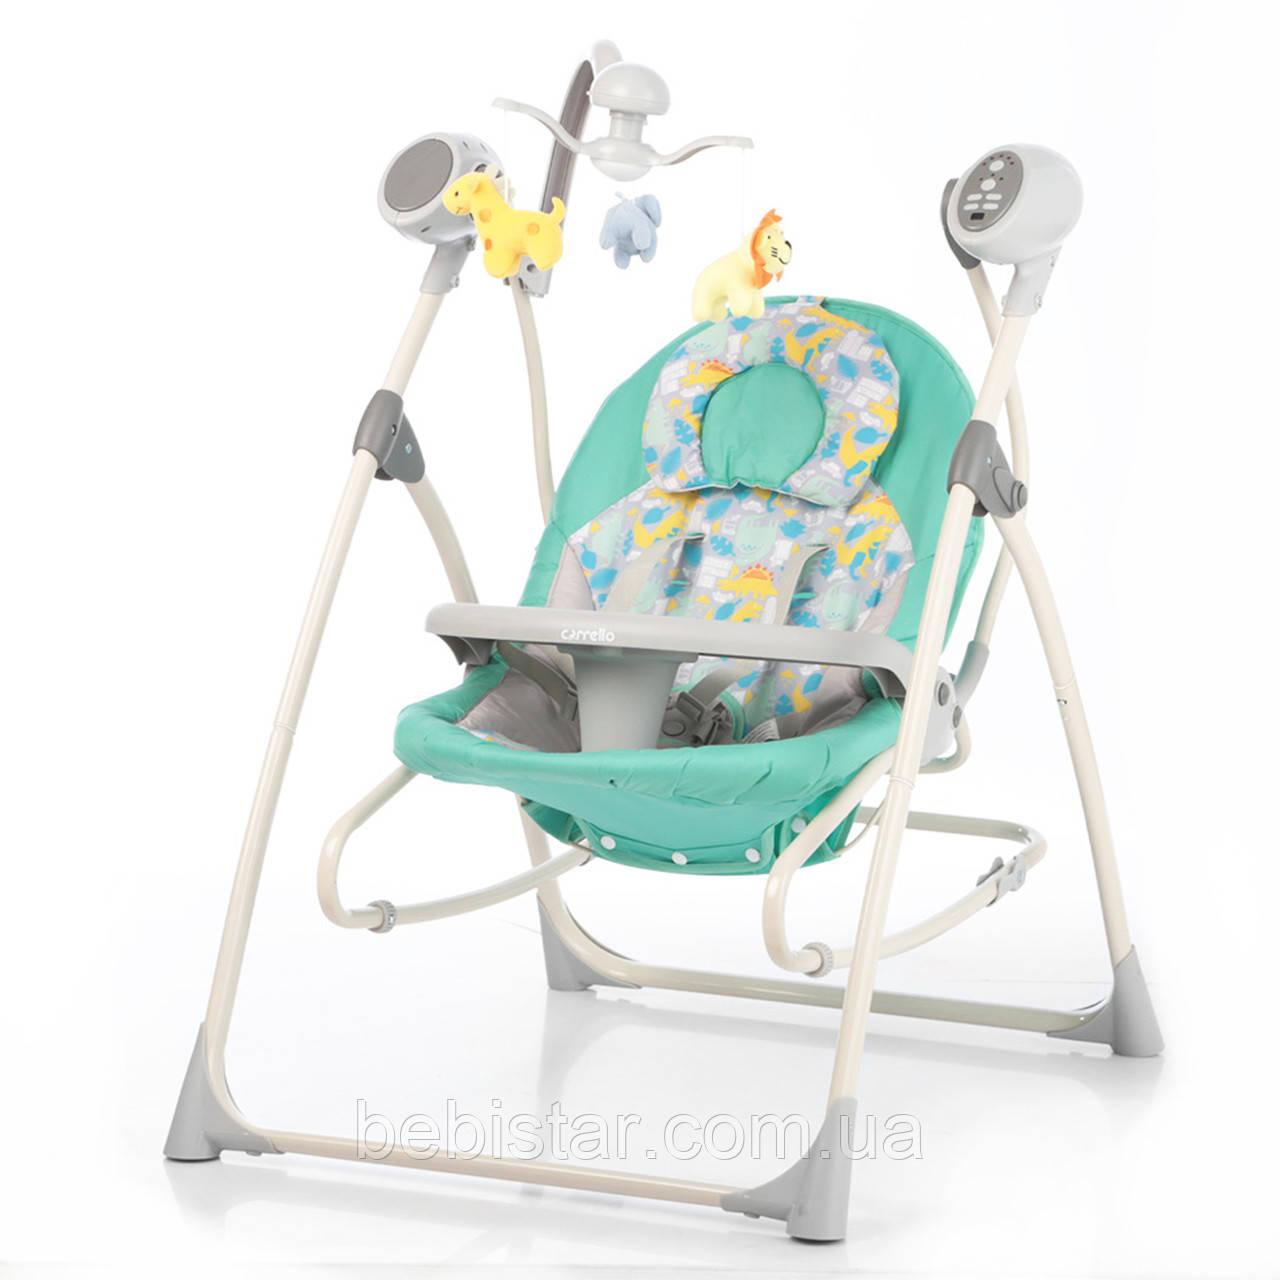 Крісло-гойдалка шезлонг 3в1 м'ята Carrello Nanny з пультом знімний столик вкладиш обертається м'які іграшки